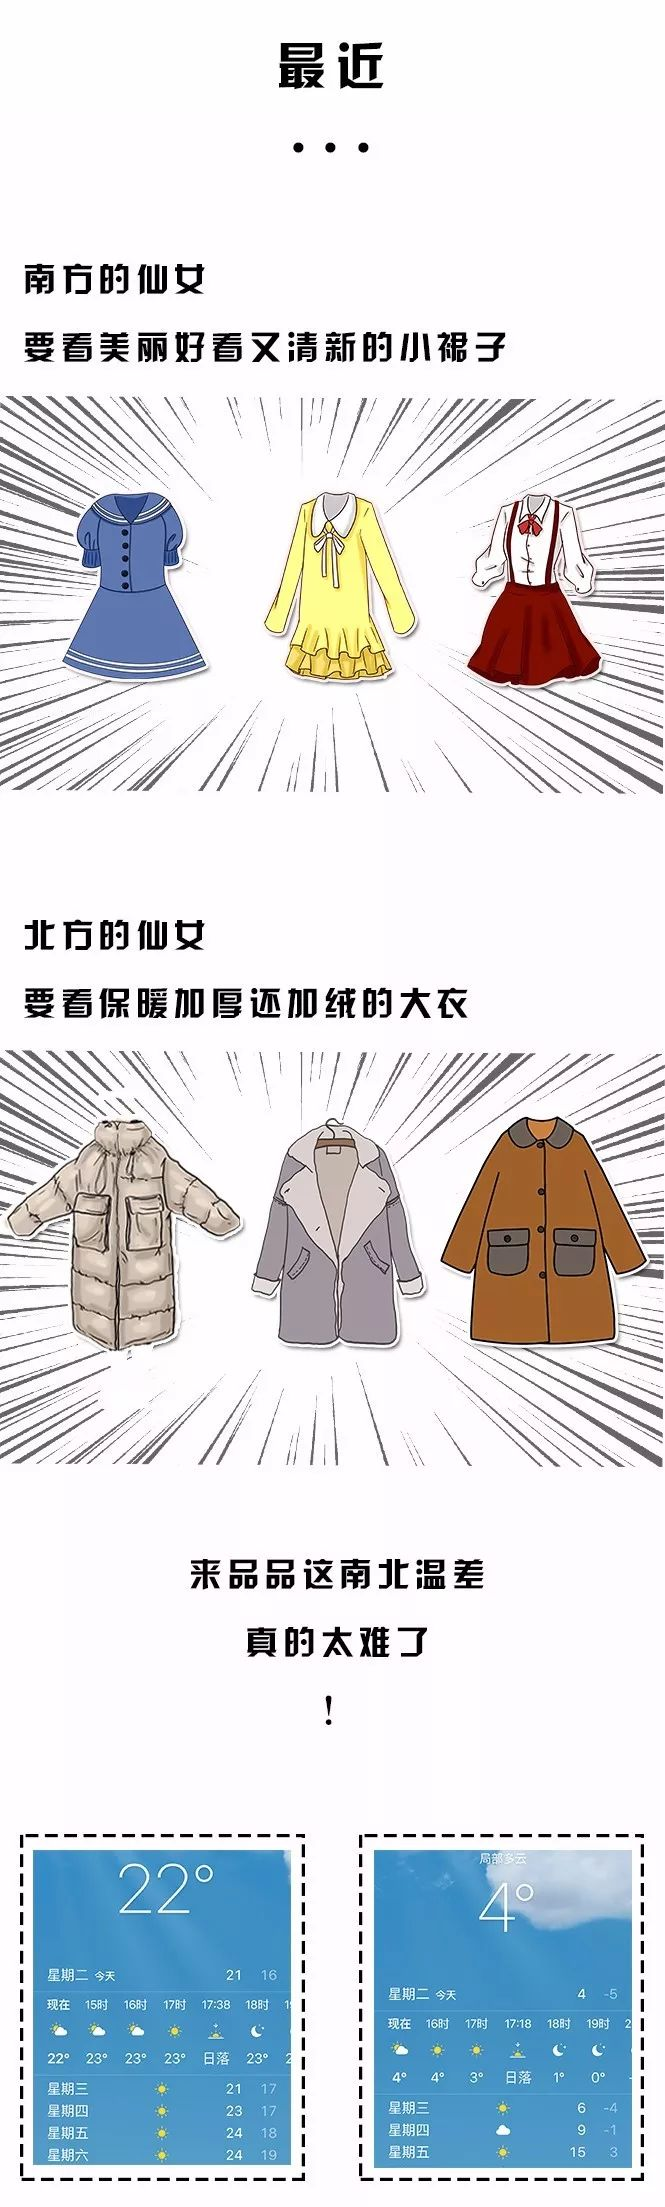 大衣里面穿什么好看?内搭这几种美翻冬季!